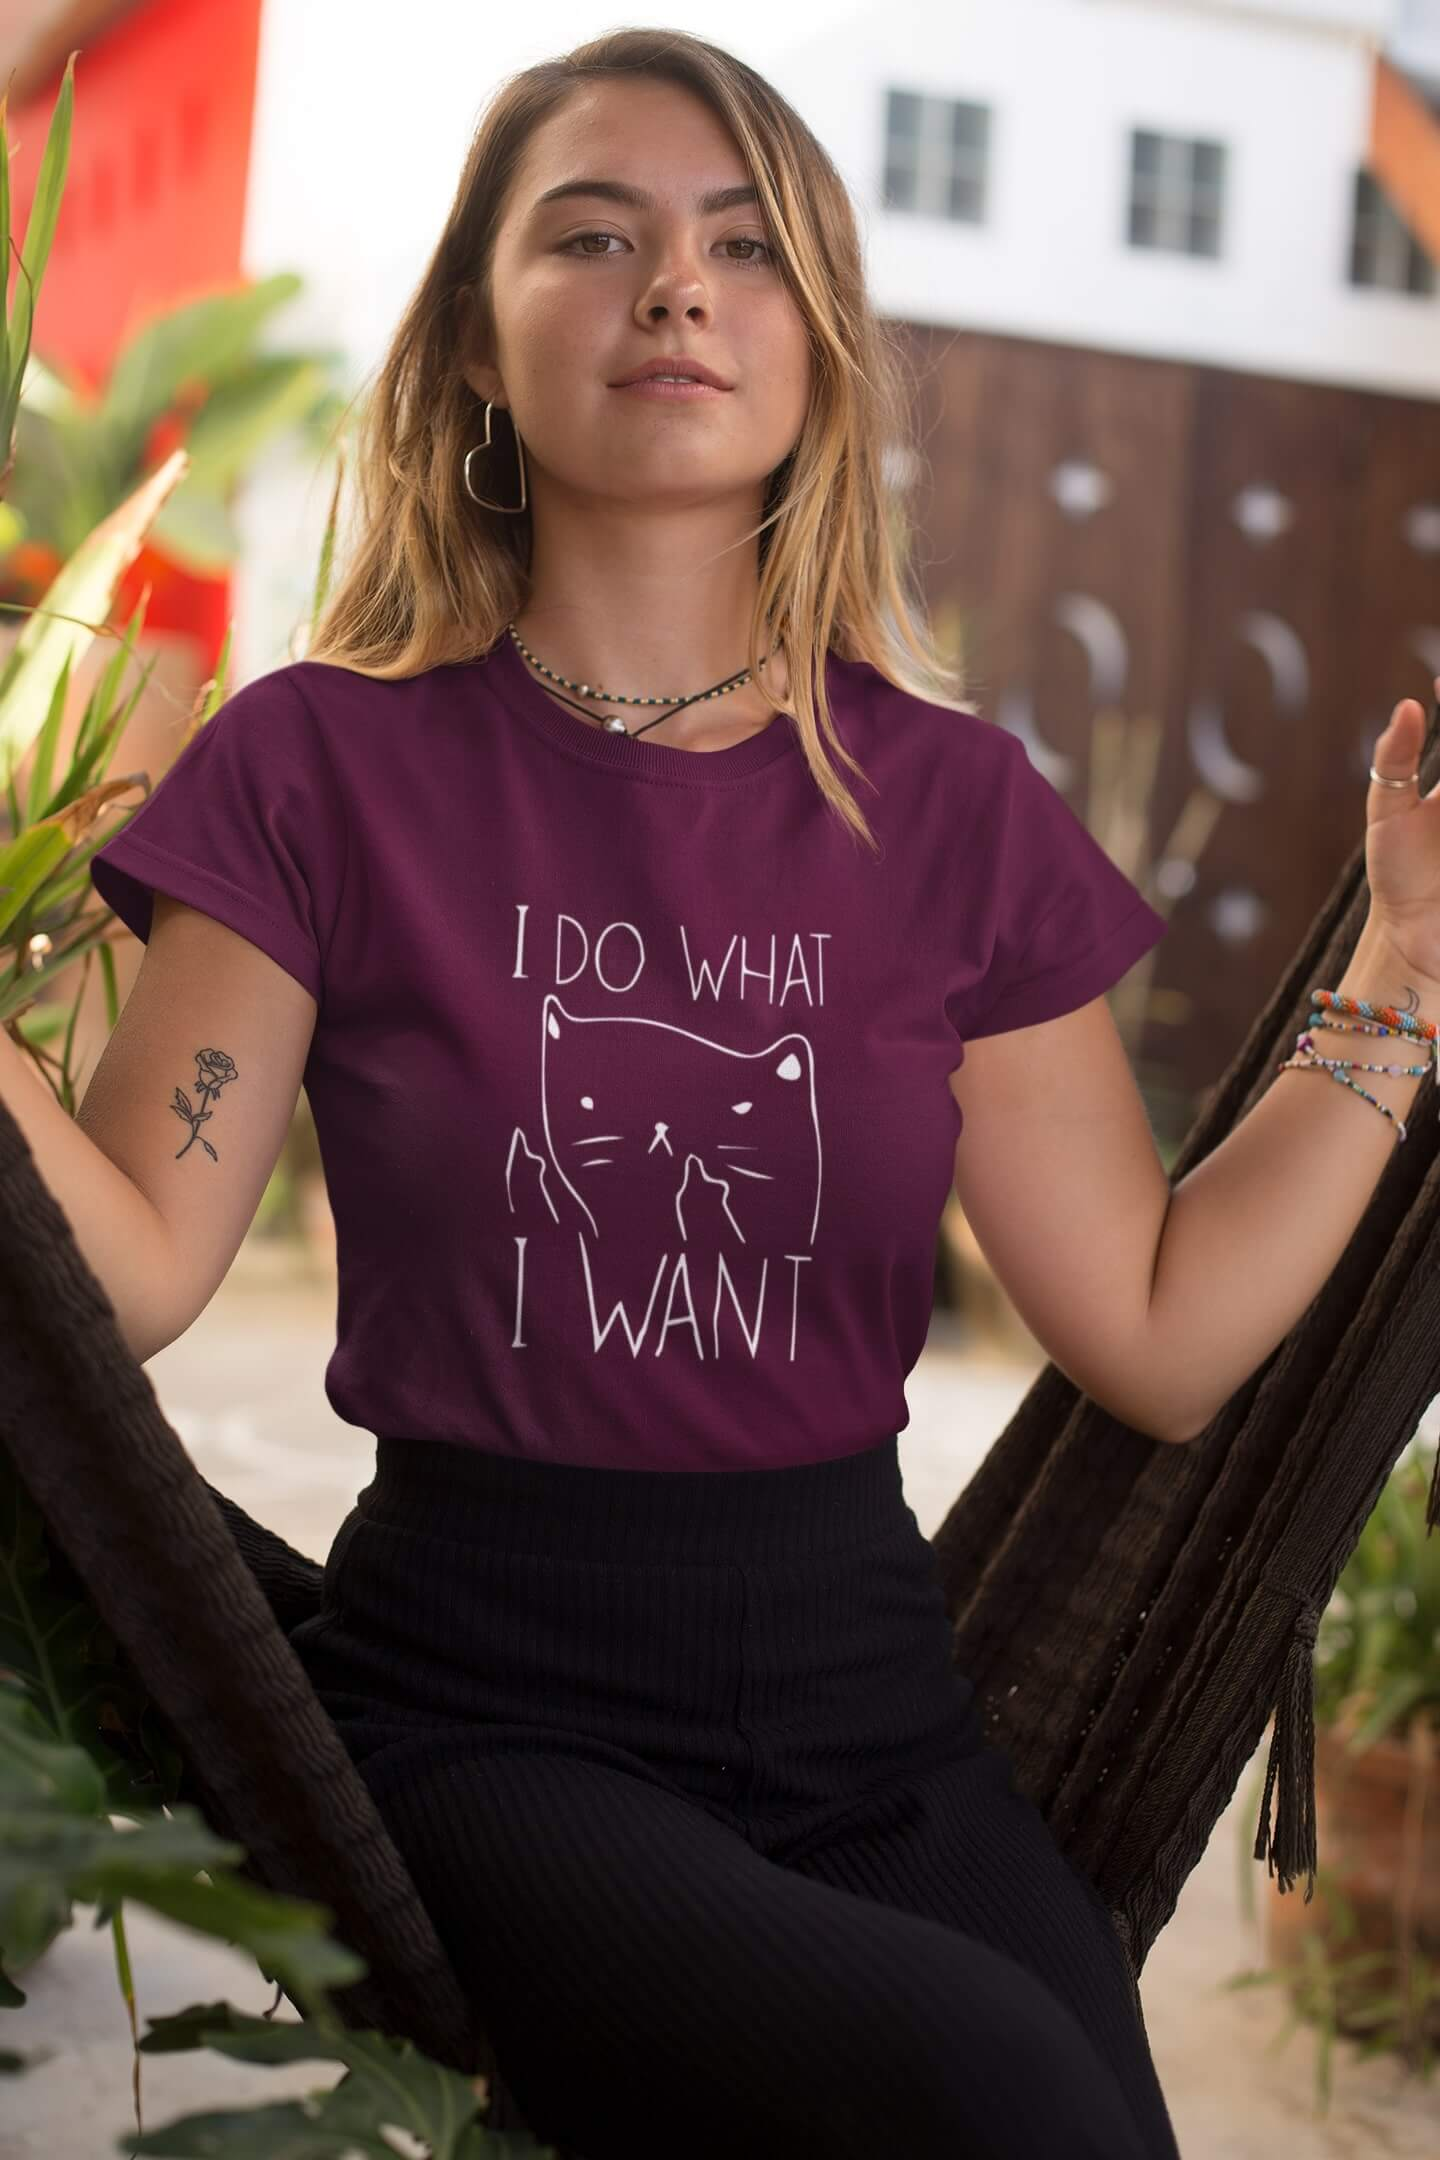 MMO Dámske tričko I DO WHAT I WANT Vyberte farbu: Fuchsiová, Vyberte veľkosť: M